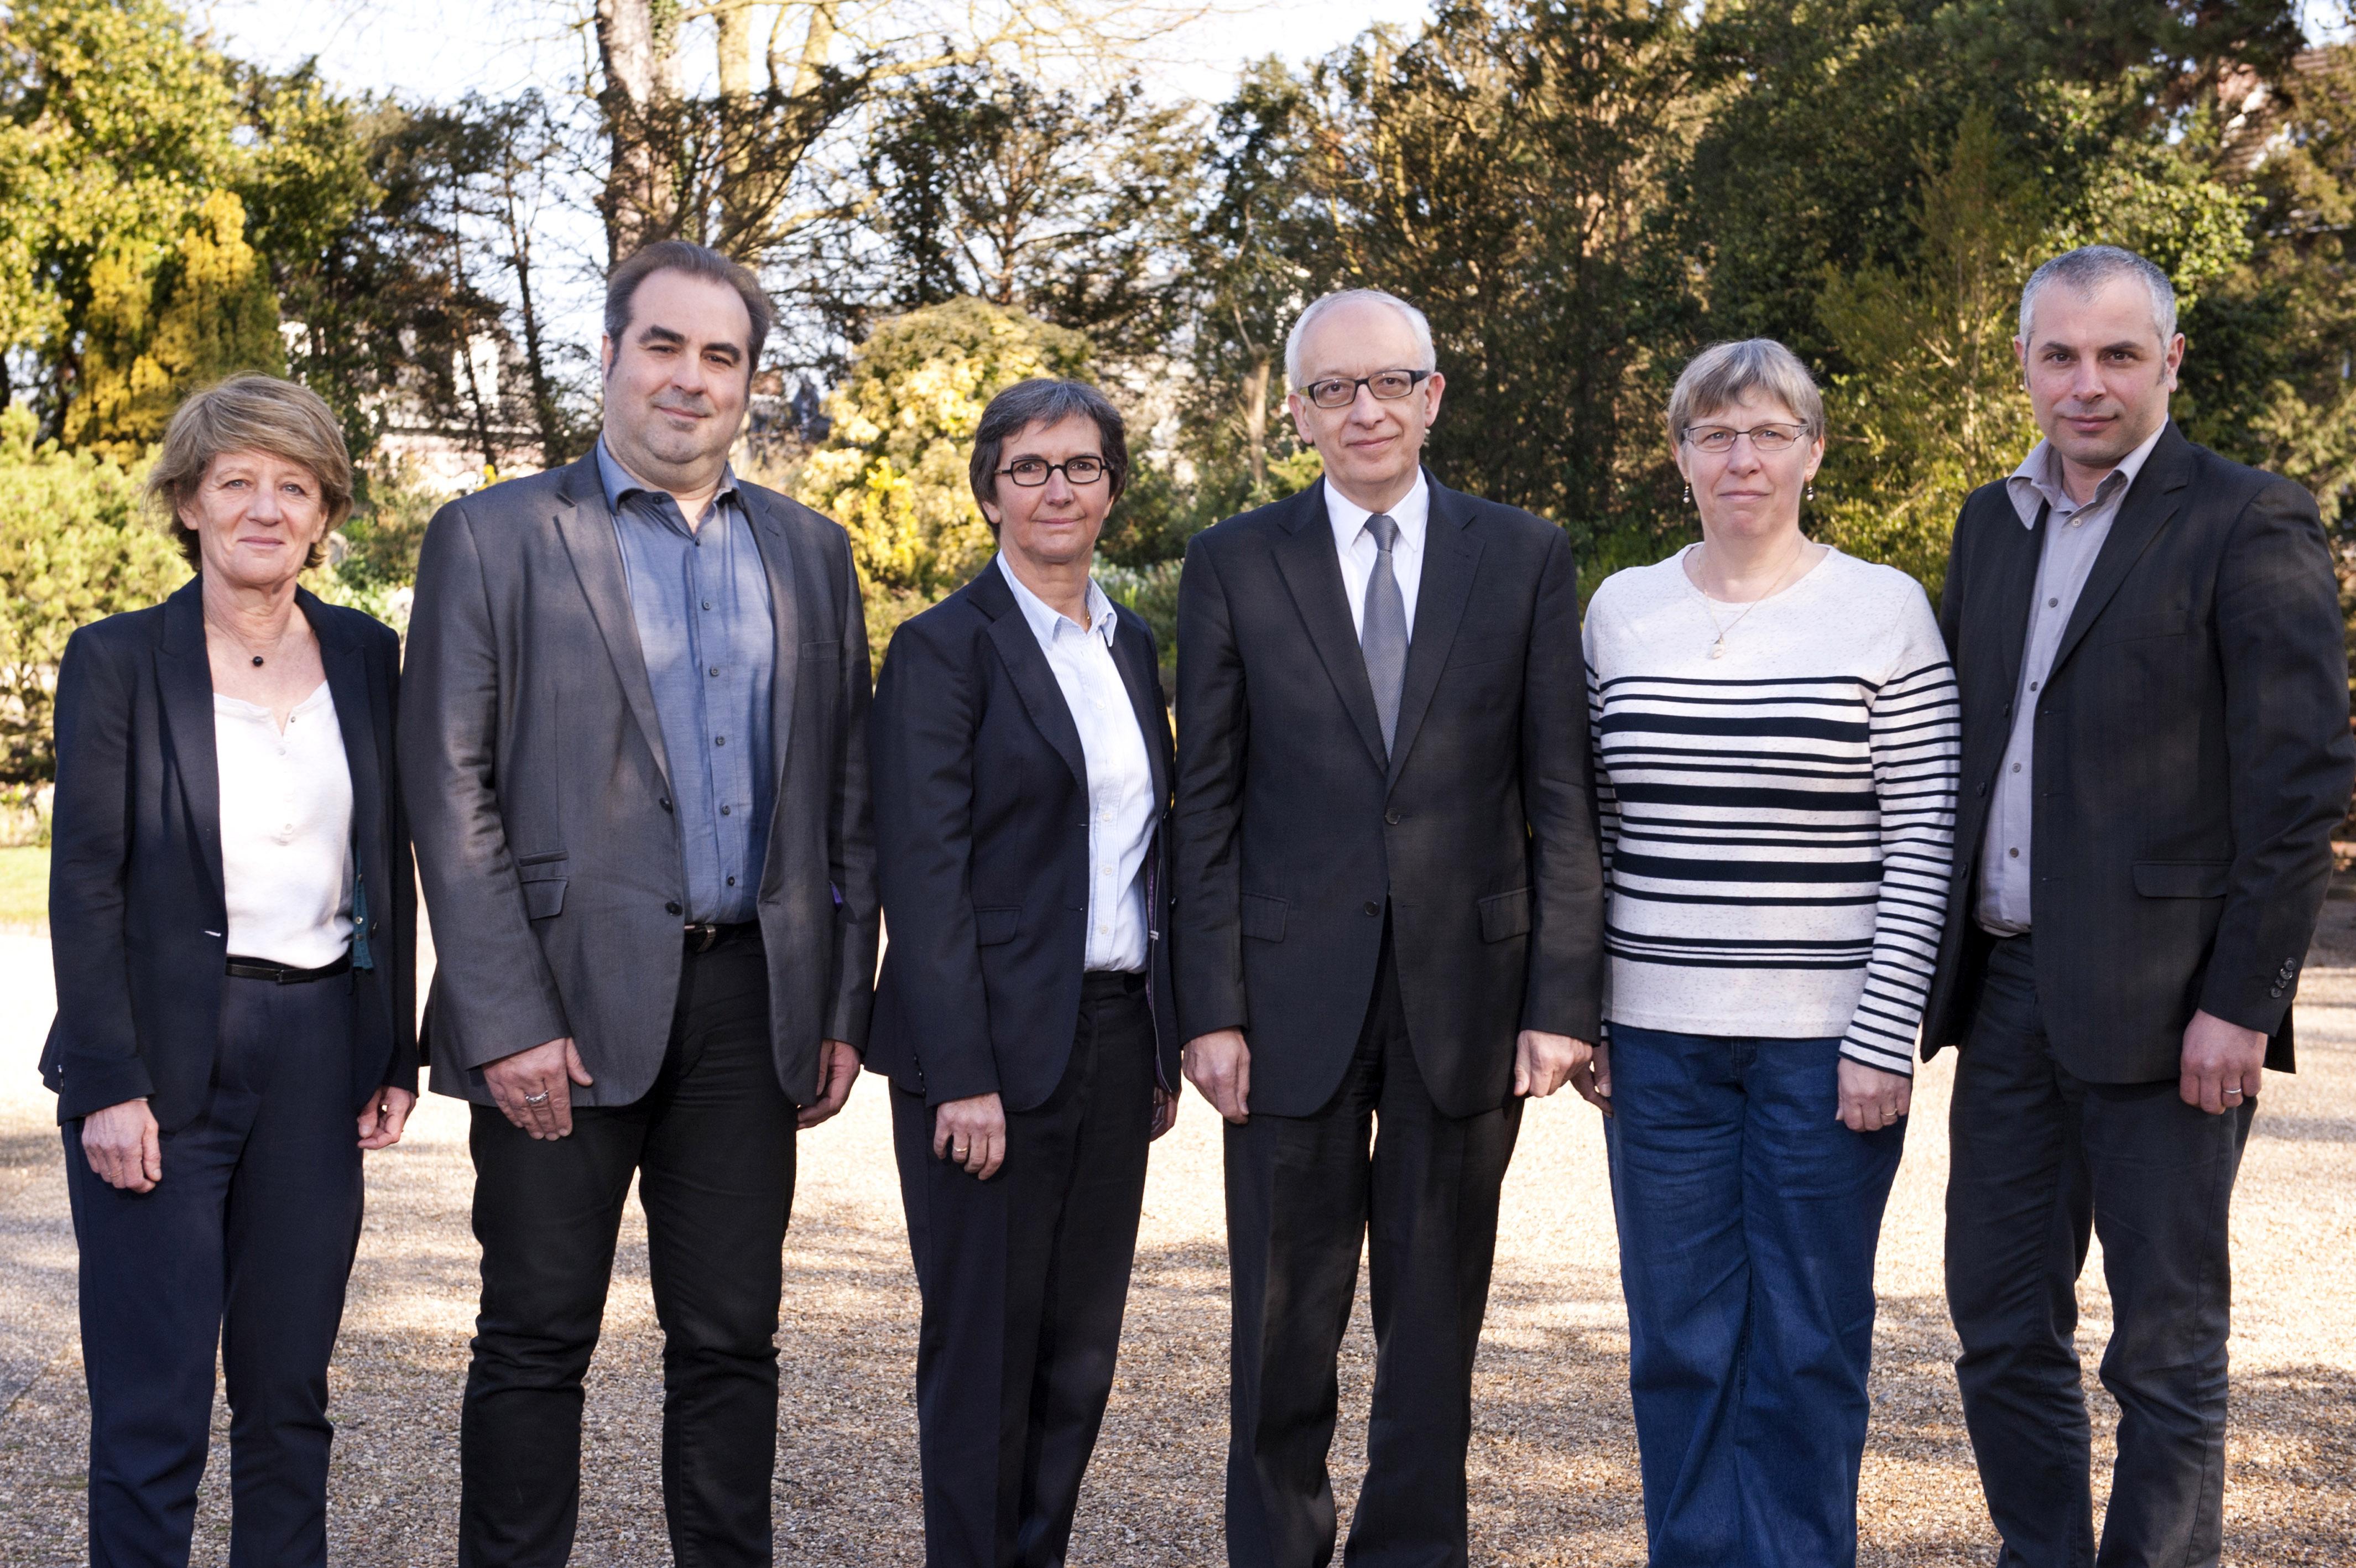 Les têtes de listes, Yvon Robert (PS) et Jean-Michel Bérégovoy (EELV), rassemblées sur une liste d'union pour le second tour à Rouen (Photo DR)